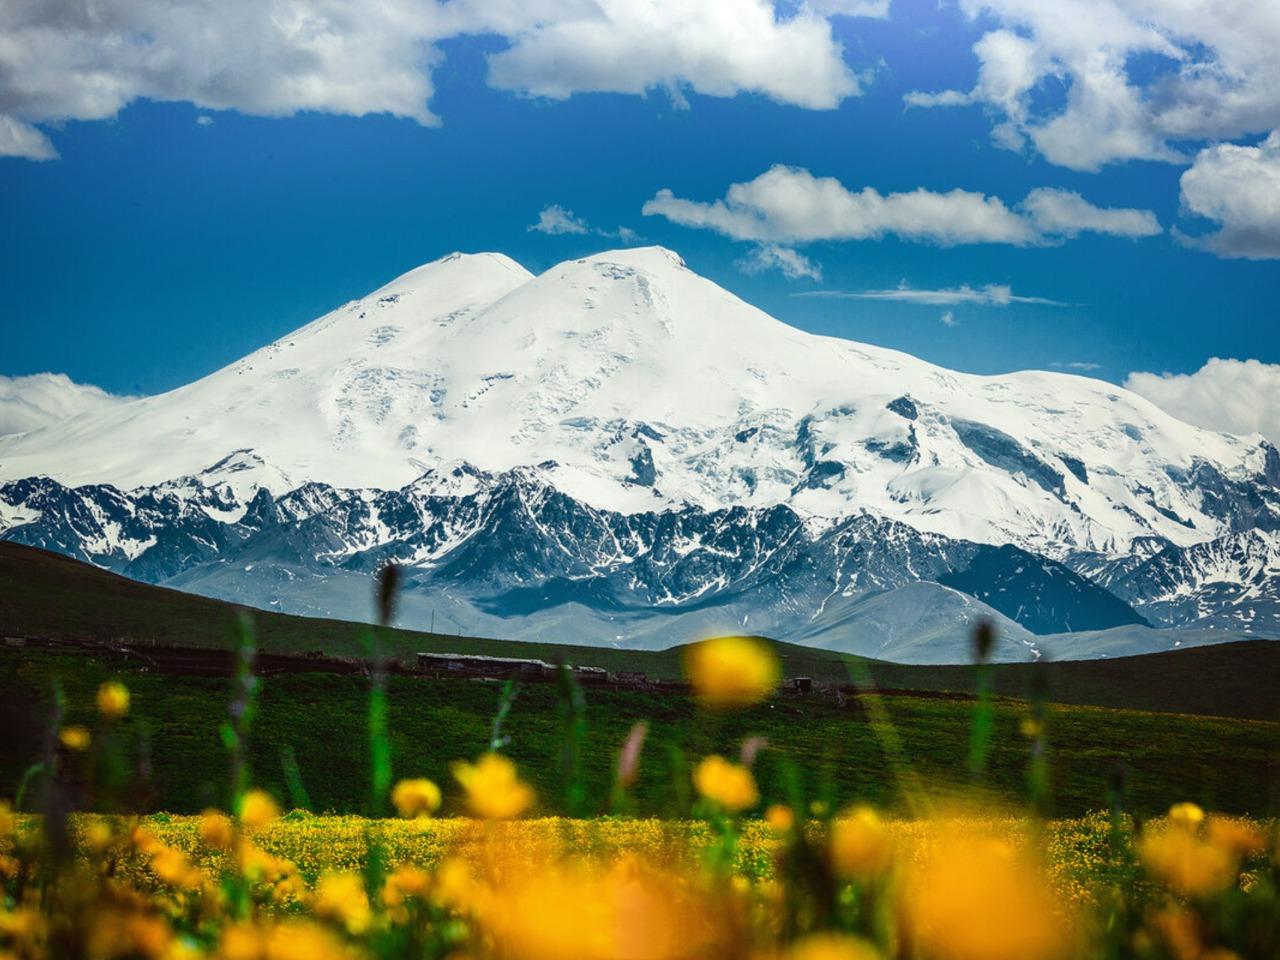 Классический тур к двуглавому красавцу Эльбрусу - индивидуальная экскурсия в Кисловодске от опытного гида